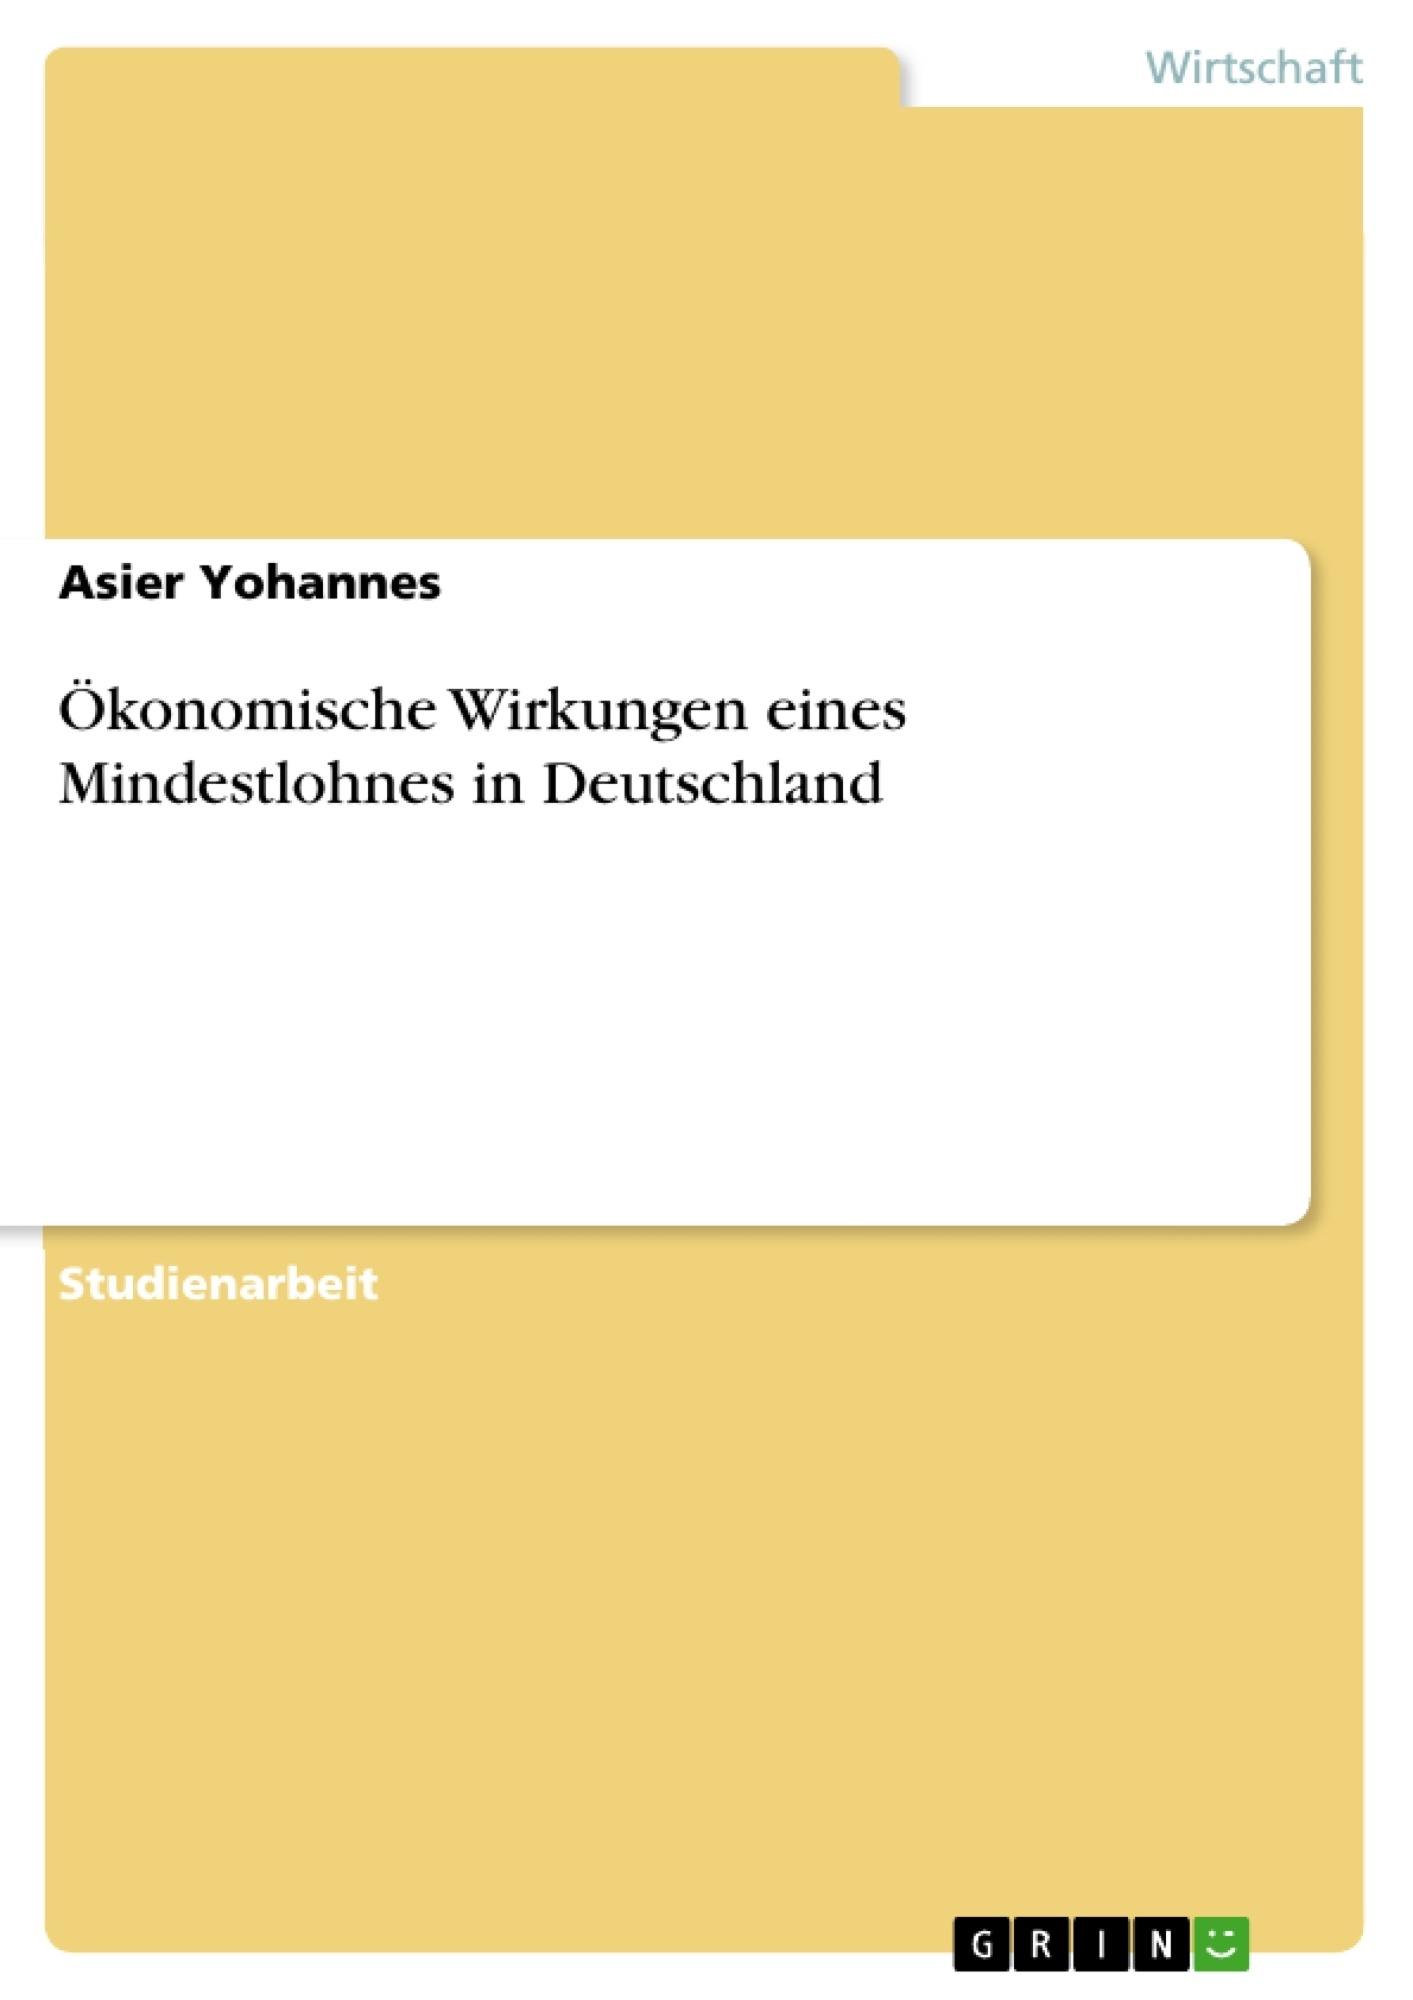 Titel: Ökonomische Wirkungen eines Mindestlohnes in Deutschland